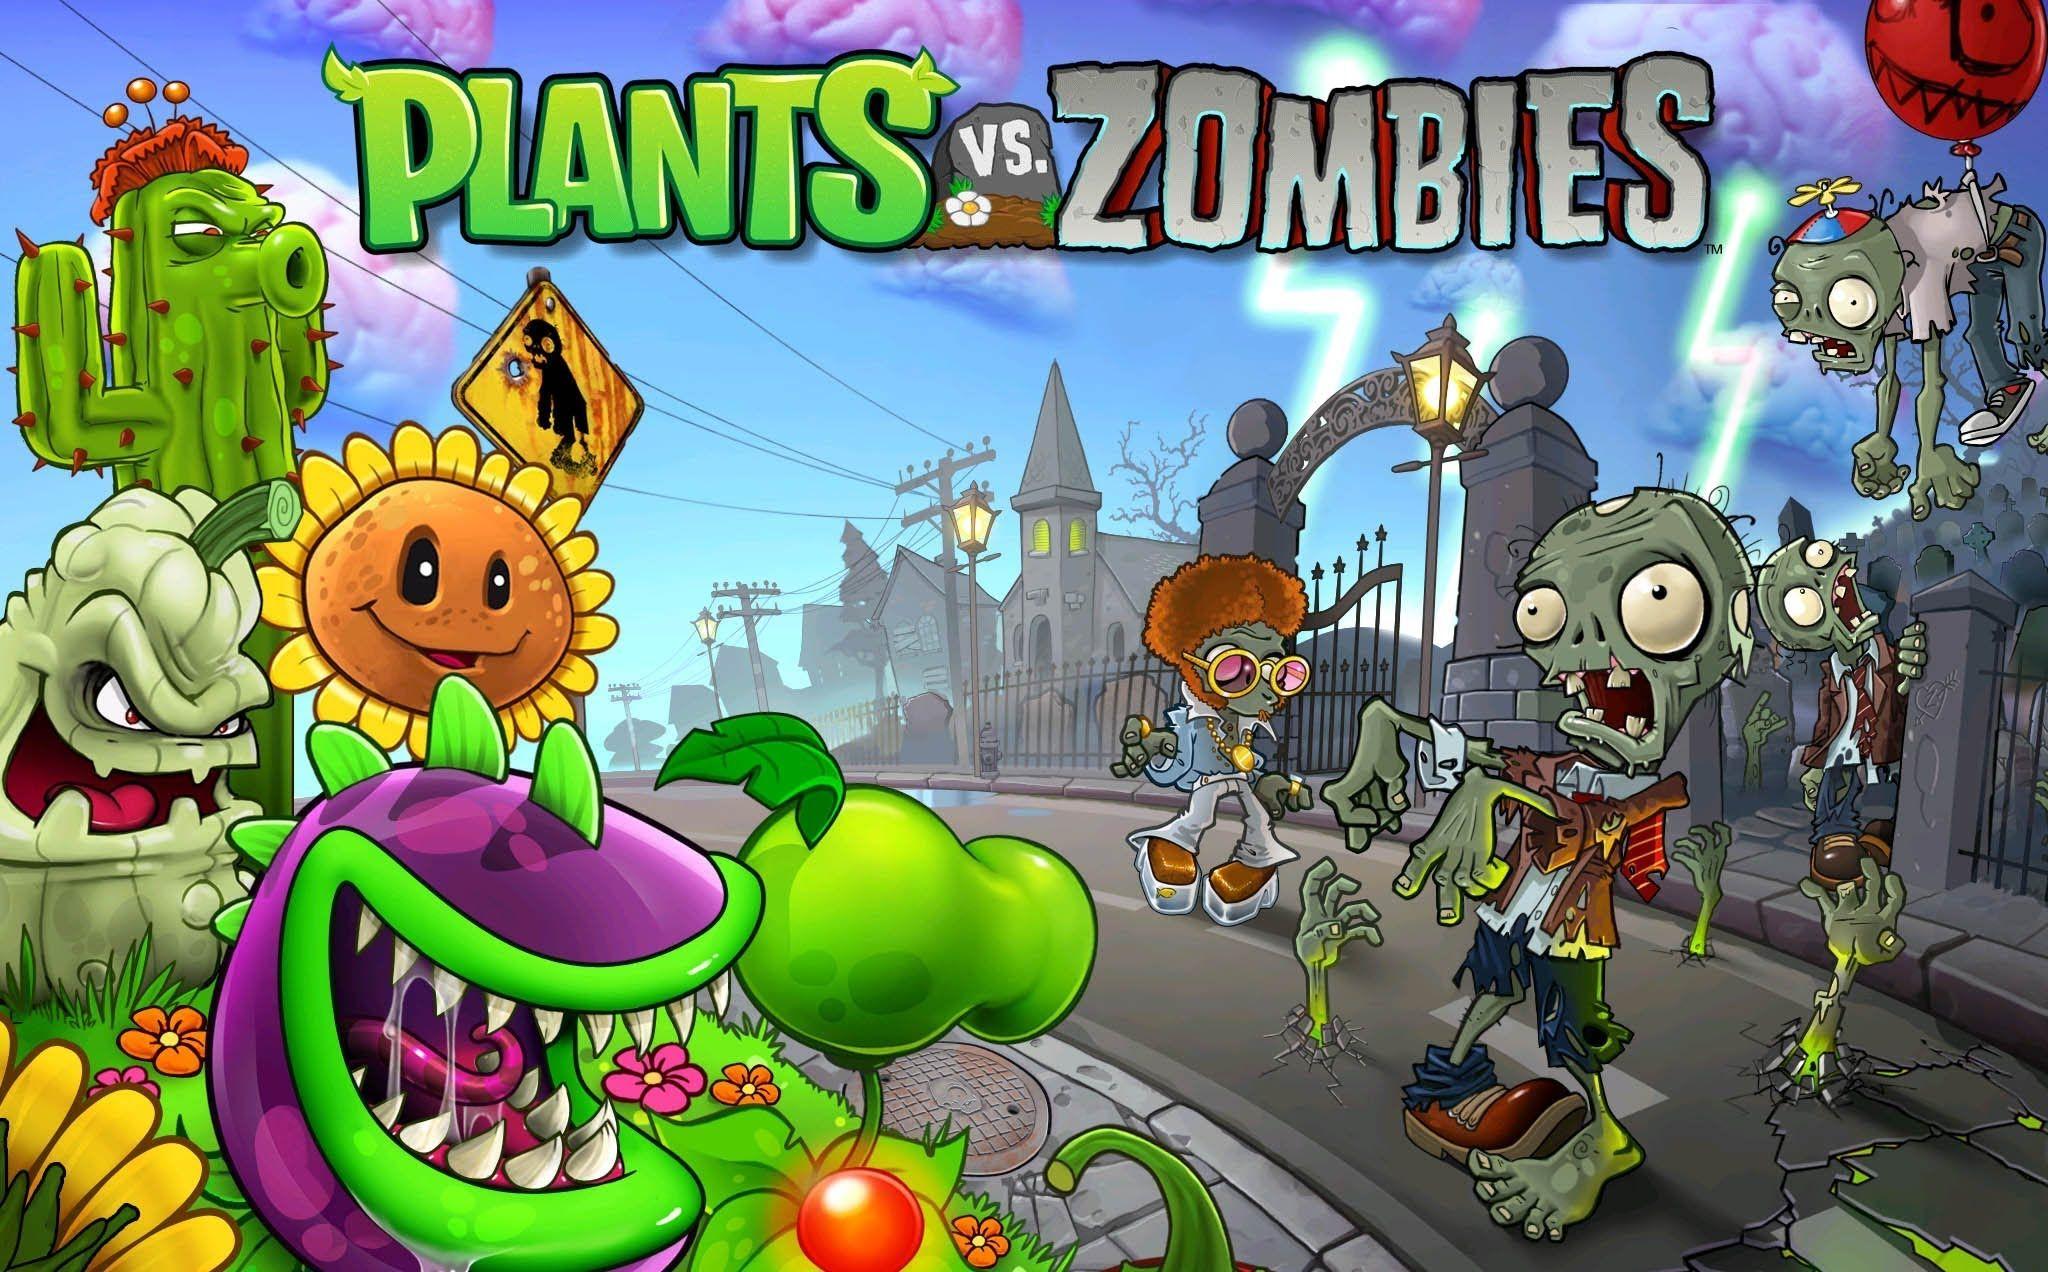 Juegos para windows phone 881 plantas vs zombiesxap juegos para juegos para windows phone 881 plantas vs zombiesxap fandeluxe Gallery